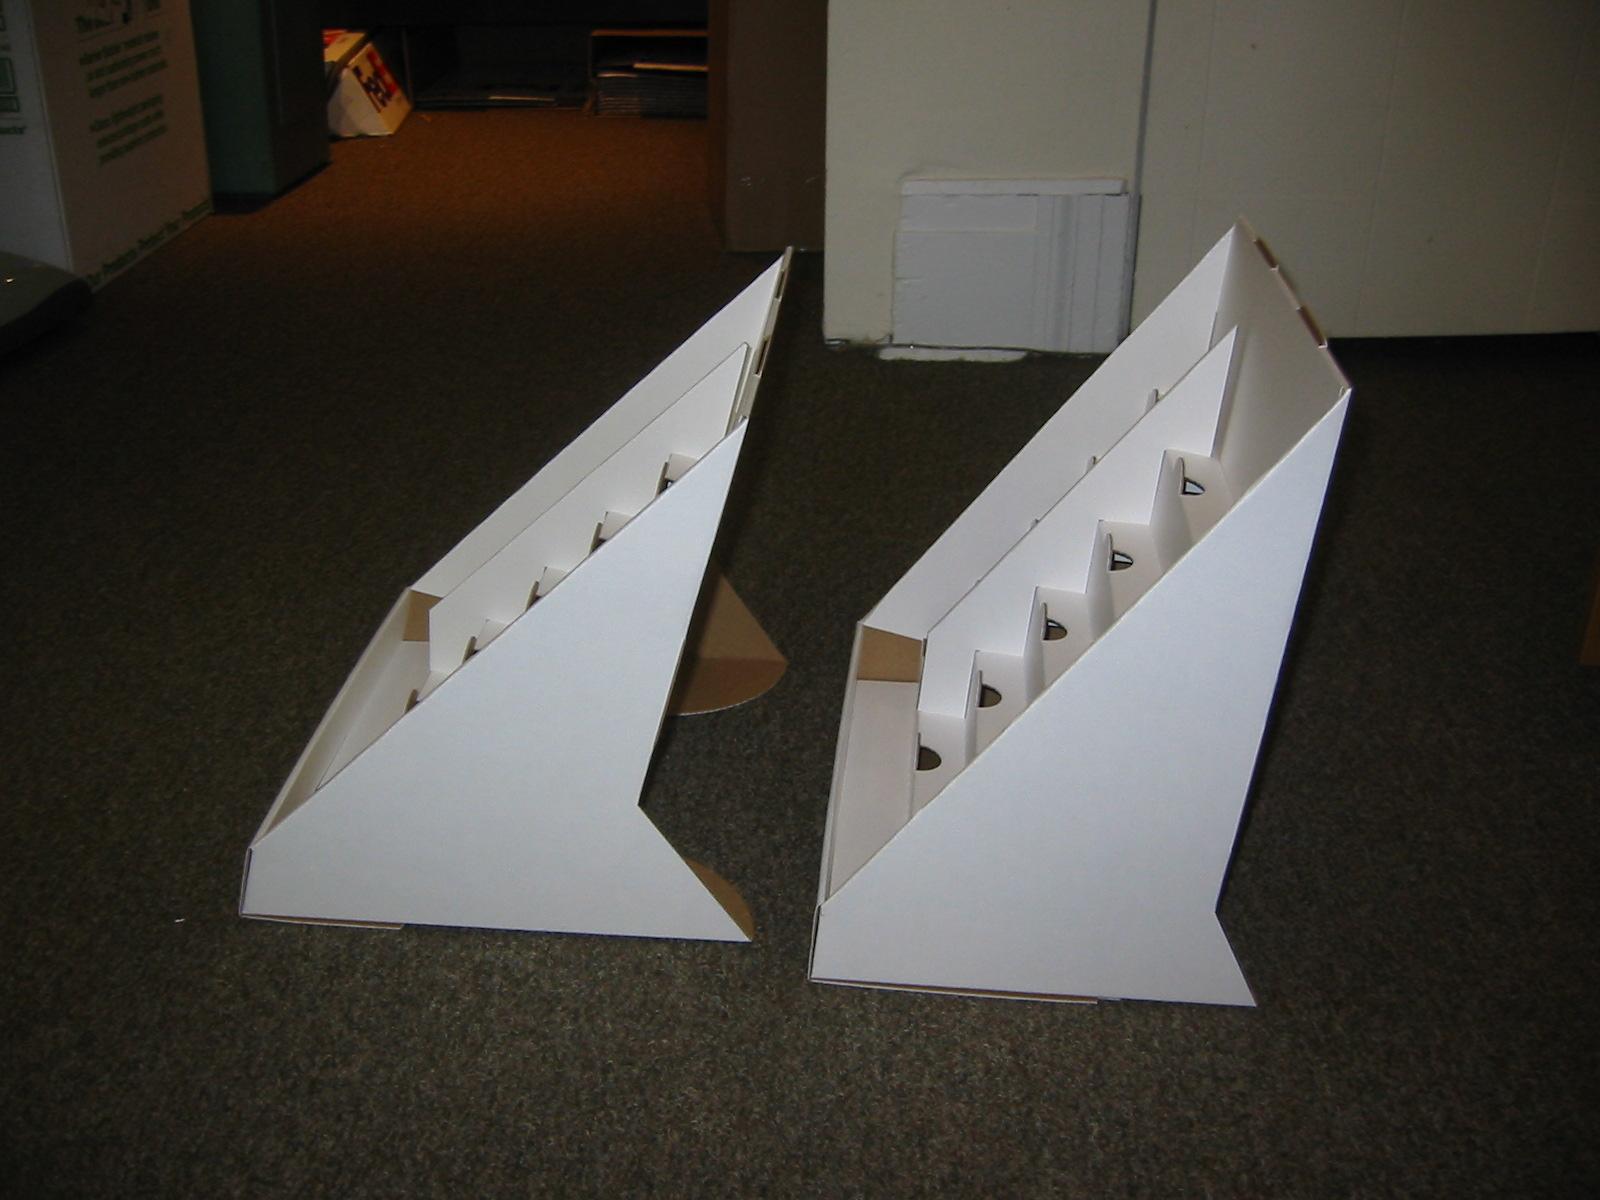 Literature Display Prototype